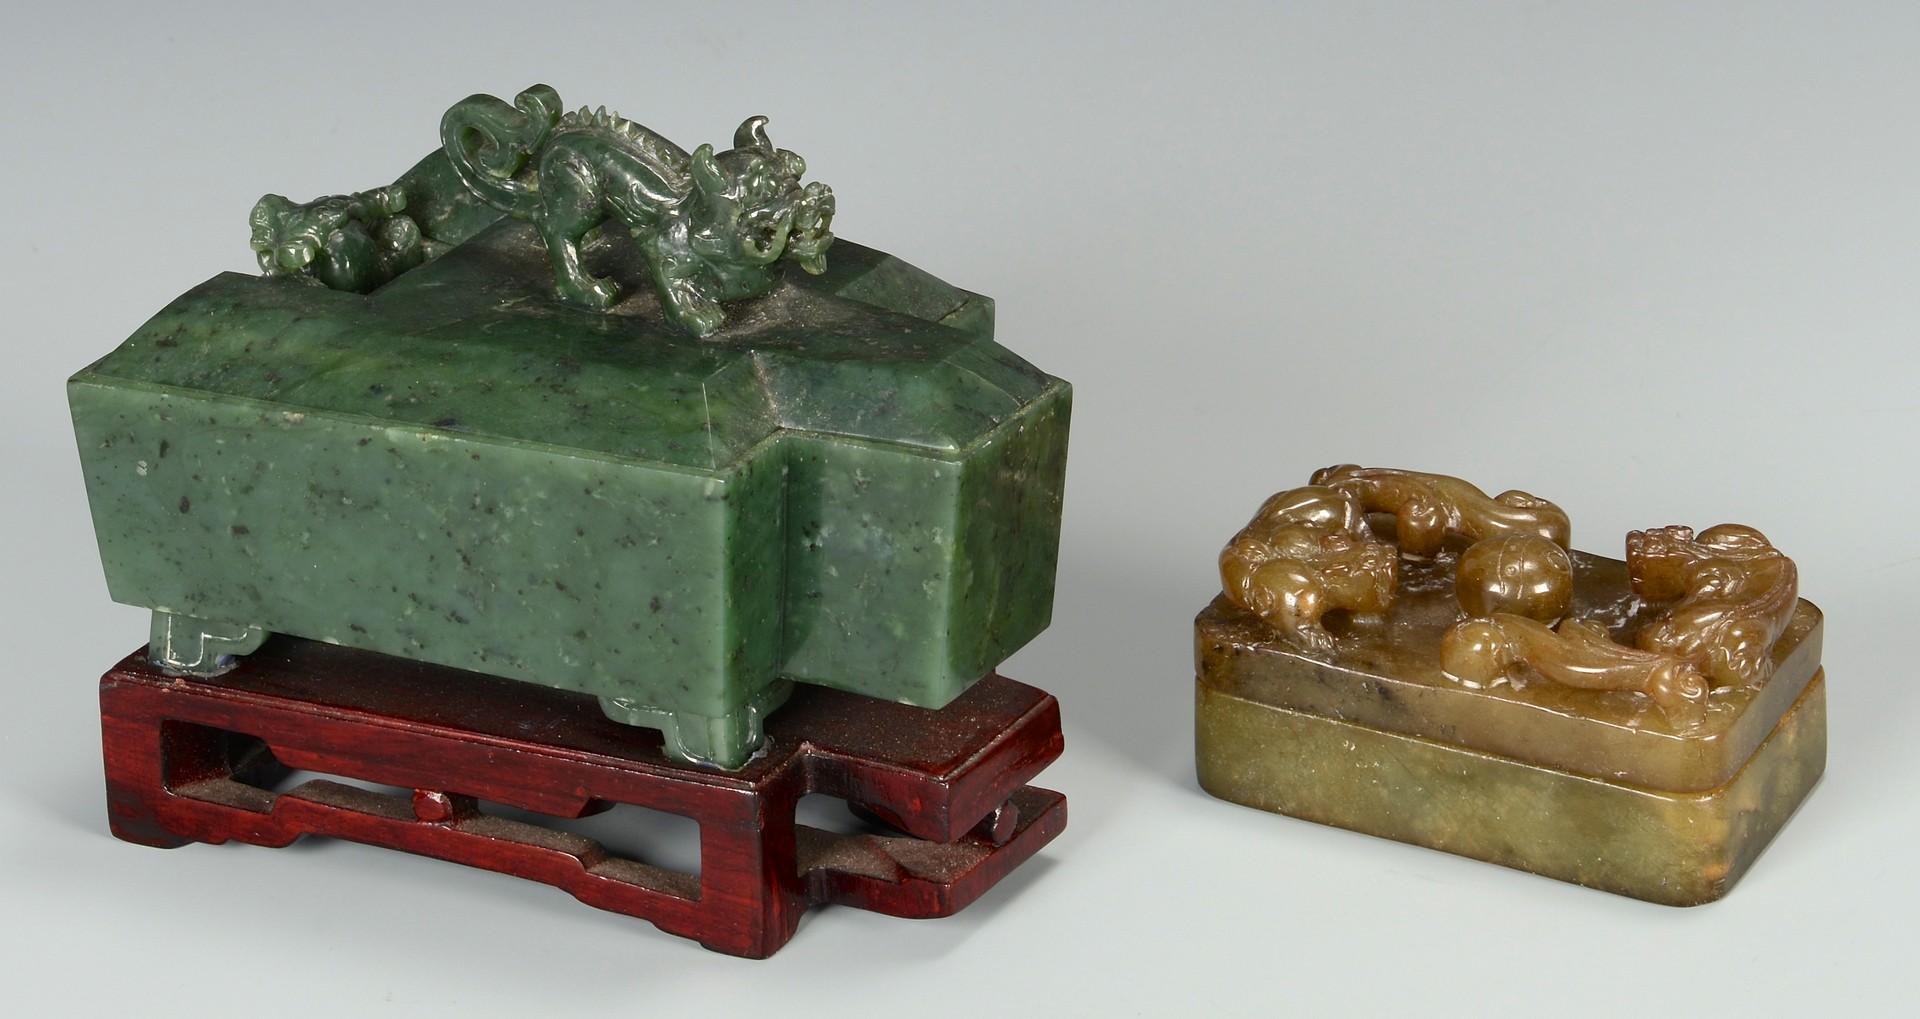 Lot 3594182: 5 Asian Hardstone Vessels